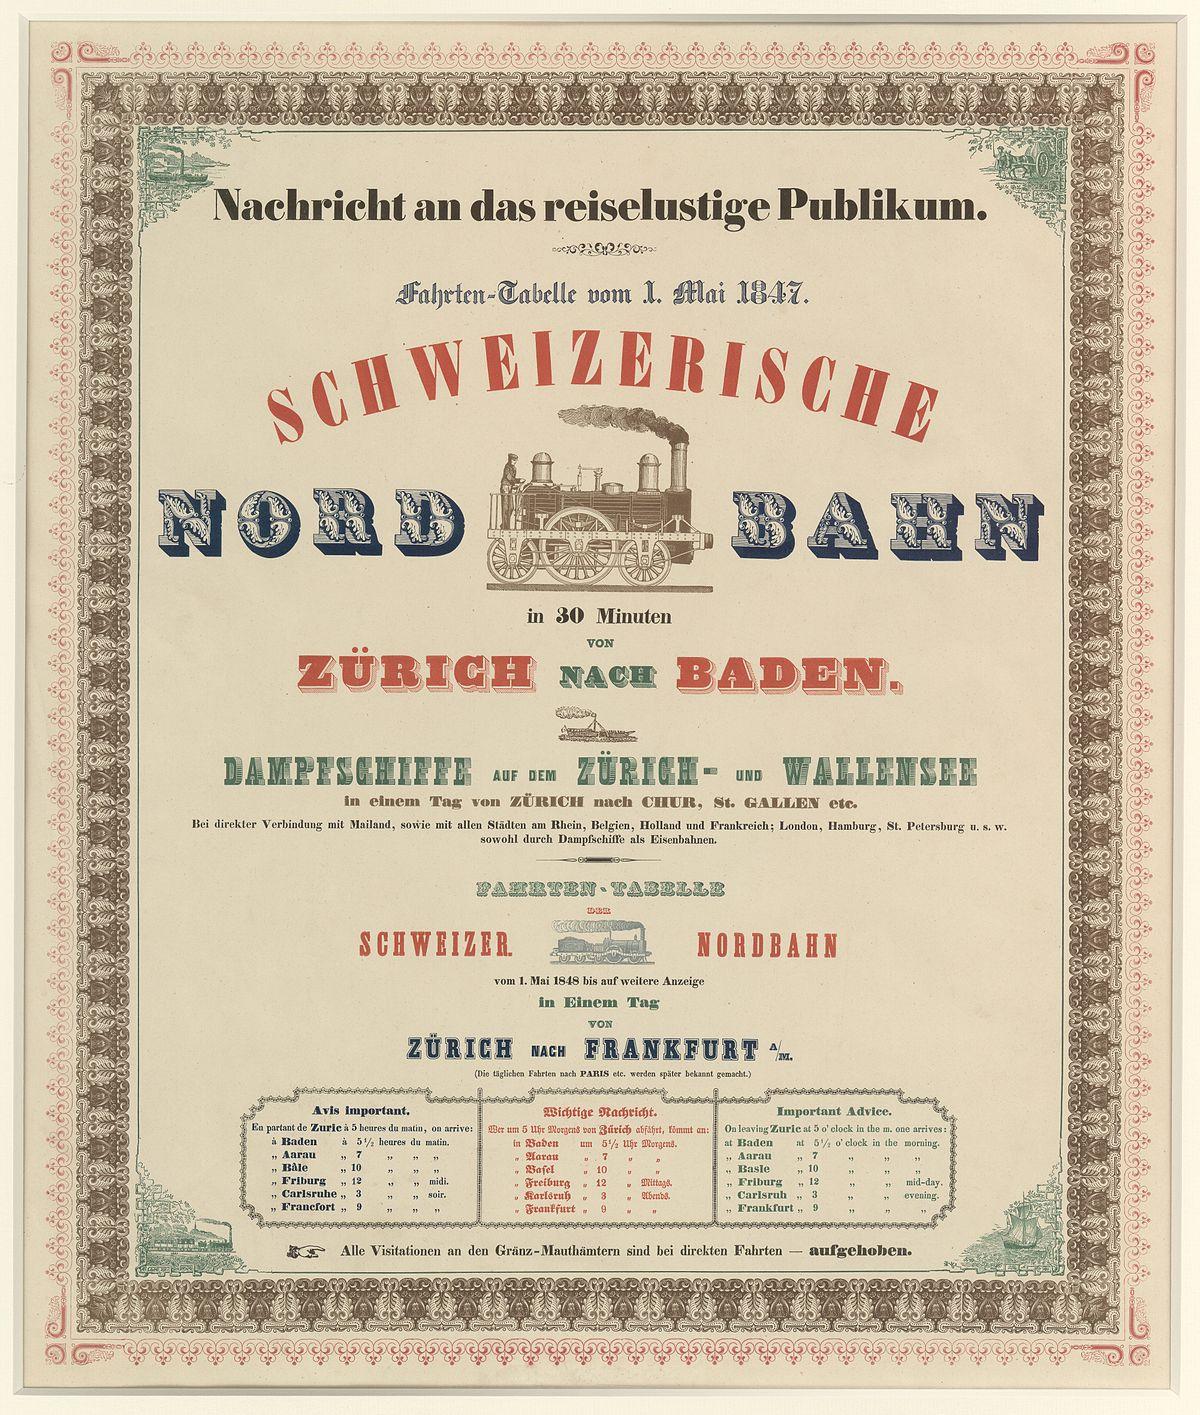 Schweizerische Nordbahn Wikipedia